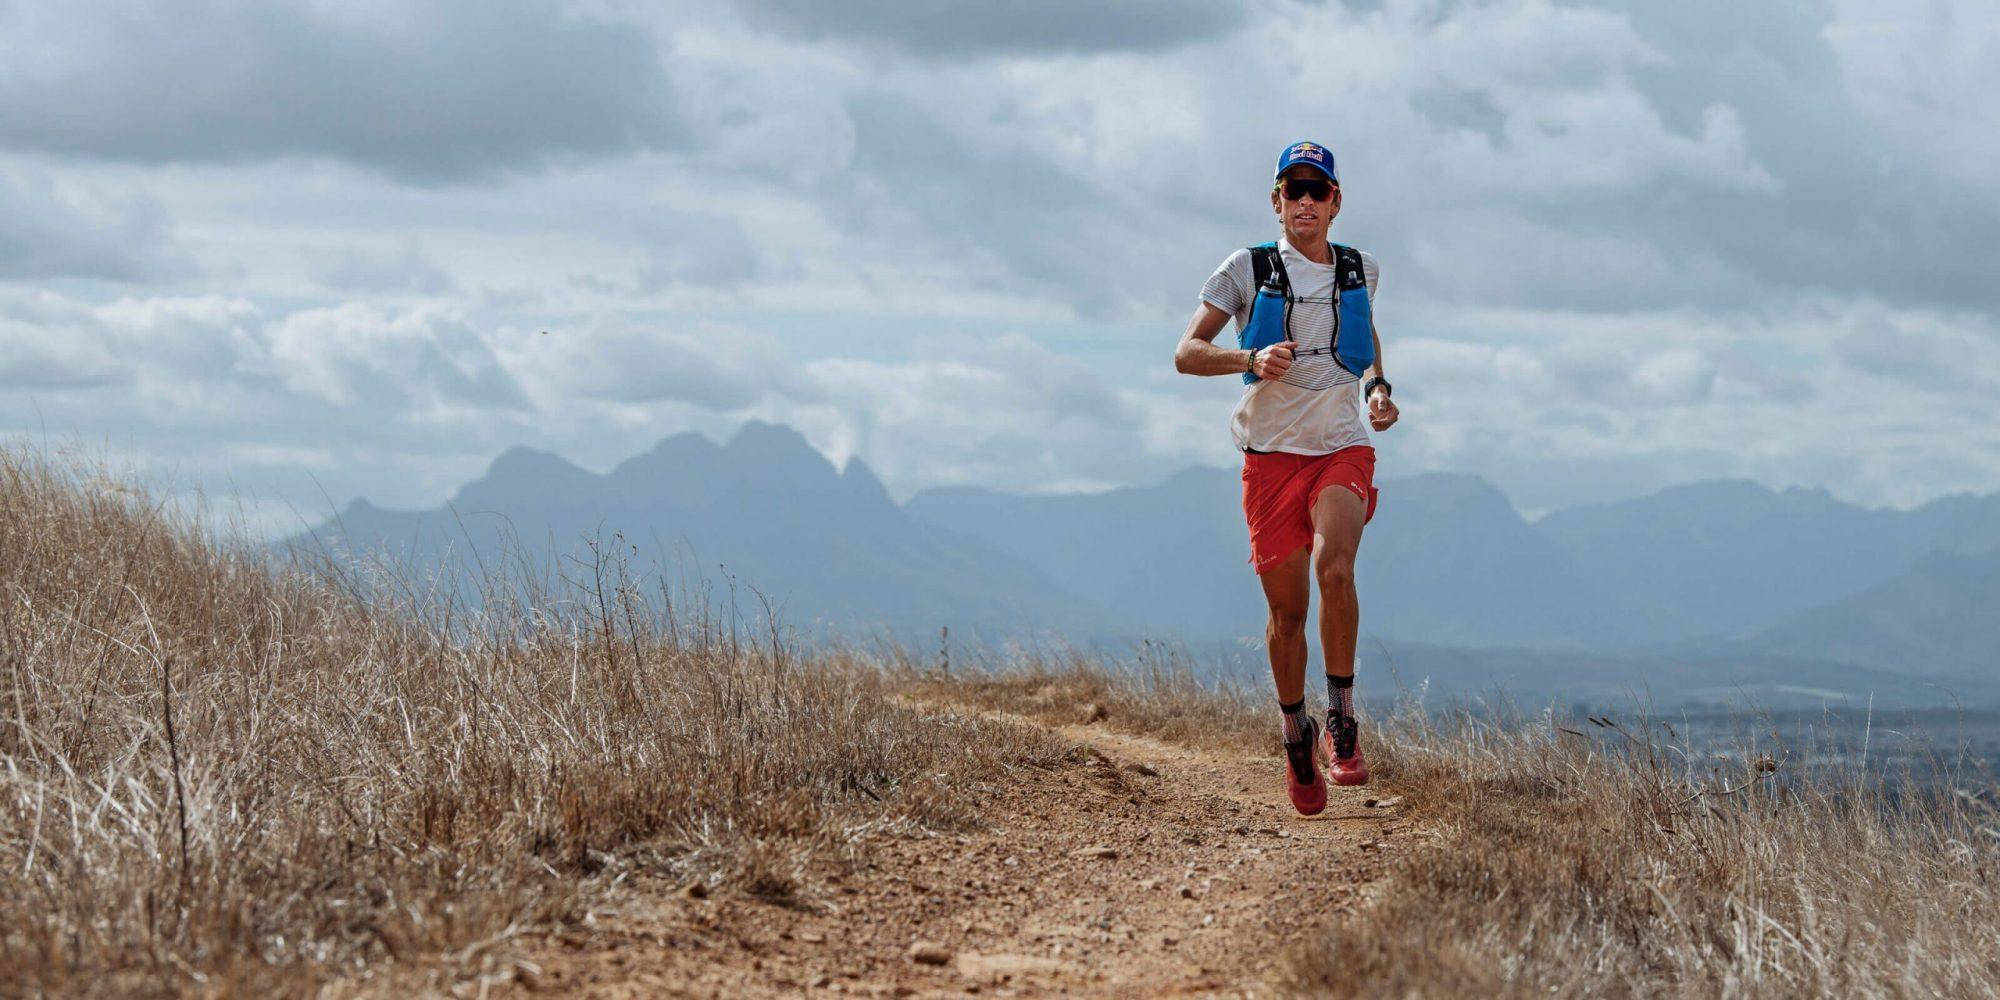 Running trails 4 scaled on0gaxi106e5okwxymqbhcfn65bb0ymtpod7zy7qio - Affiliate Listing